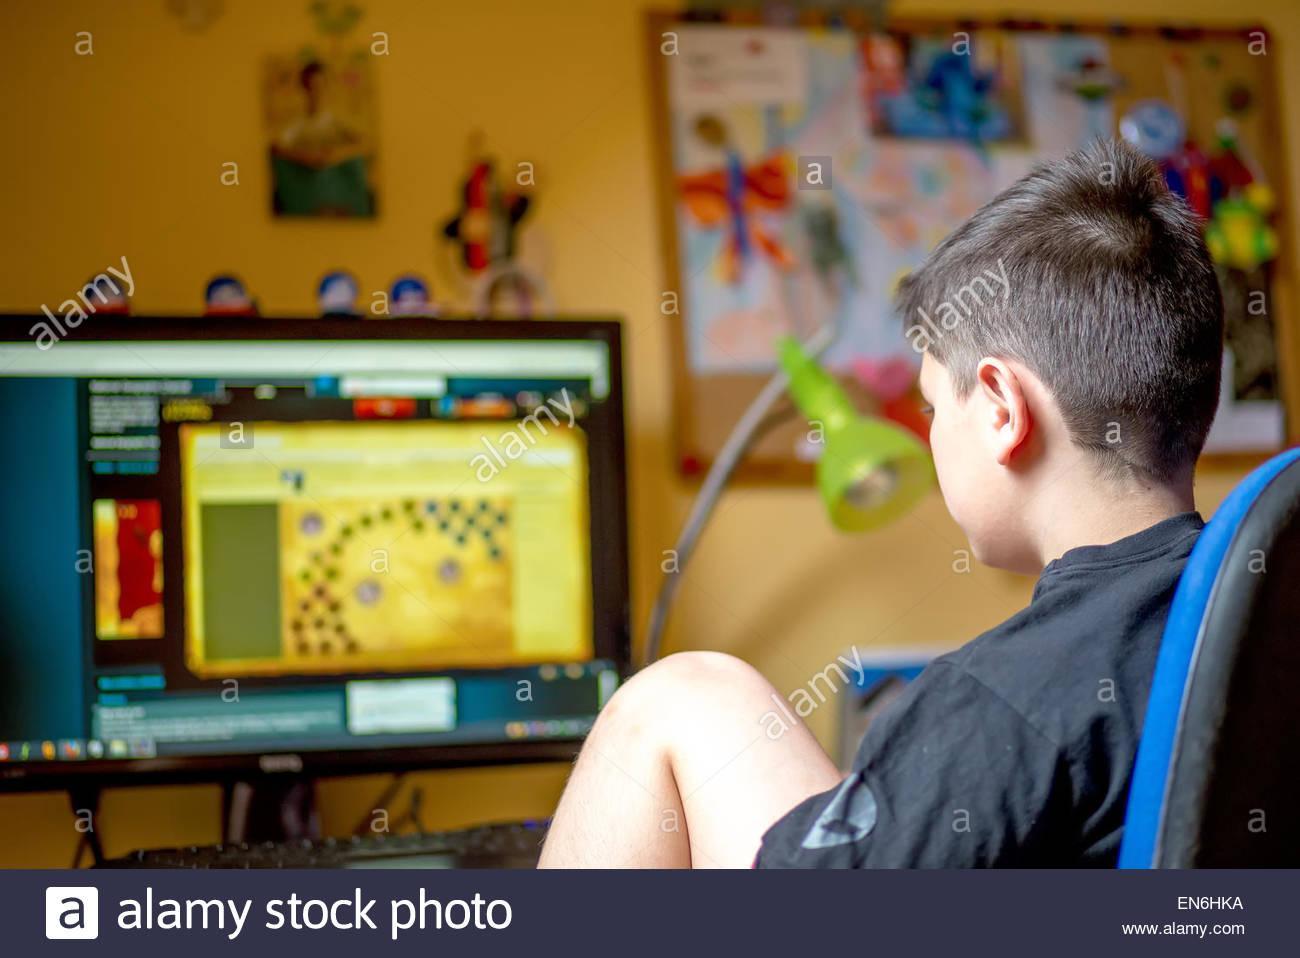 Adolescent À L'aide D'ordinateur À La Maison Avec Des intérieur Jeux Ordinateur Enfant